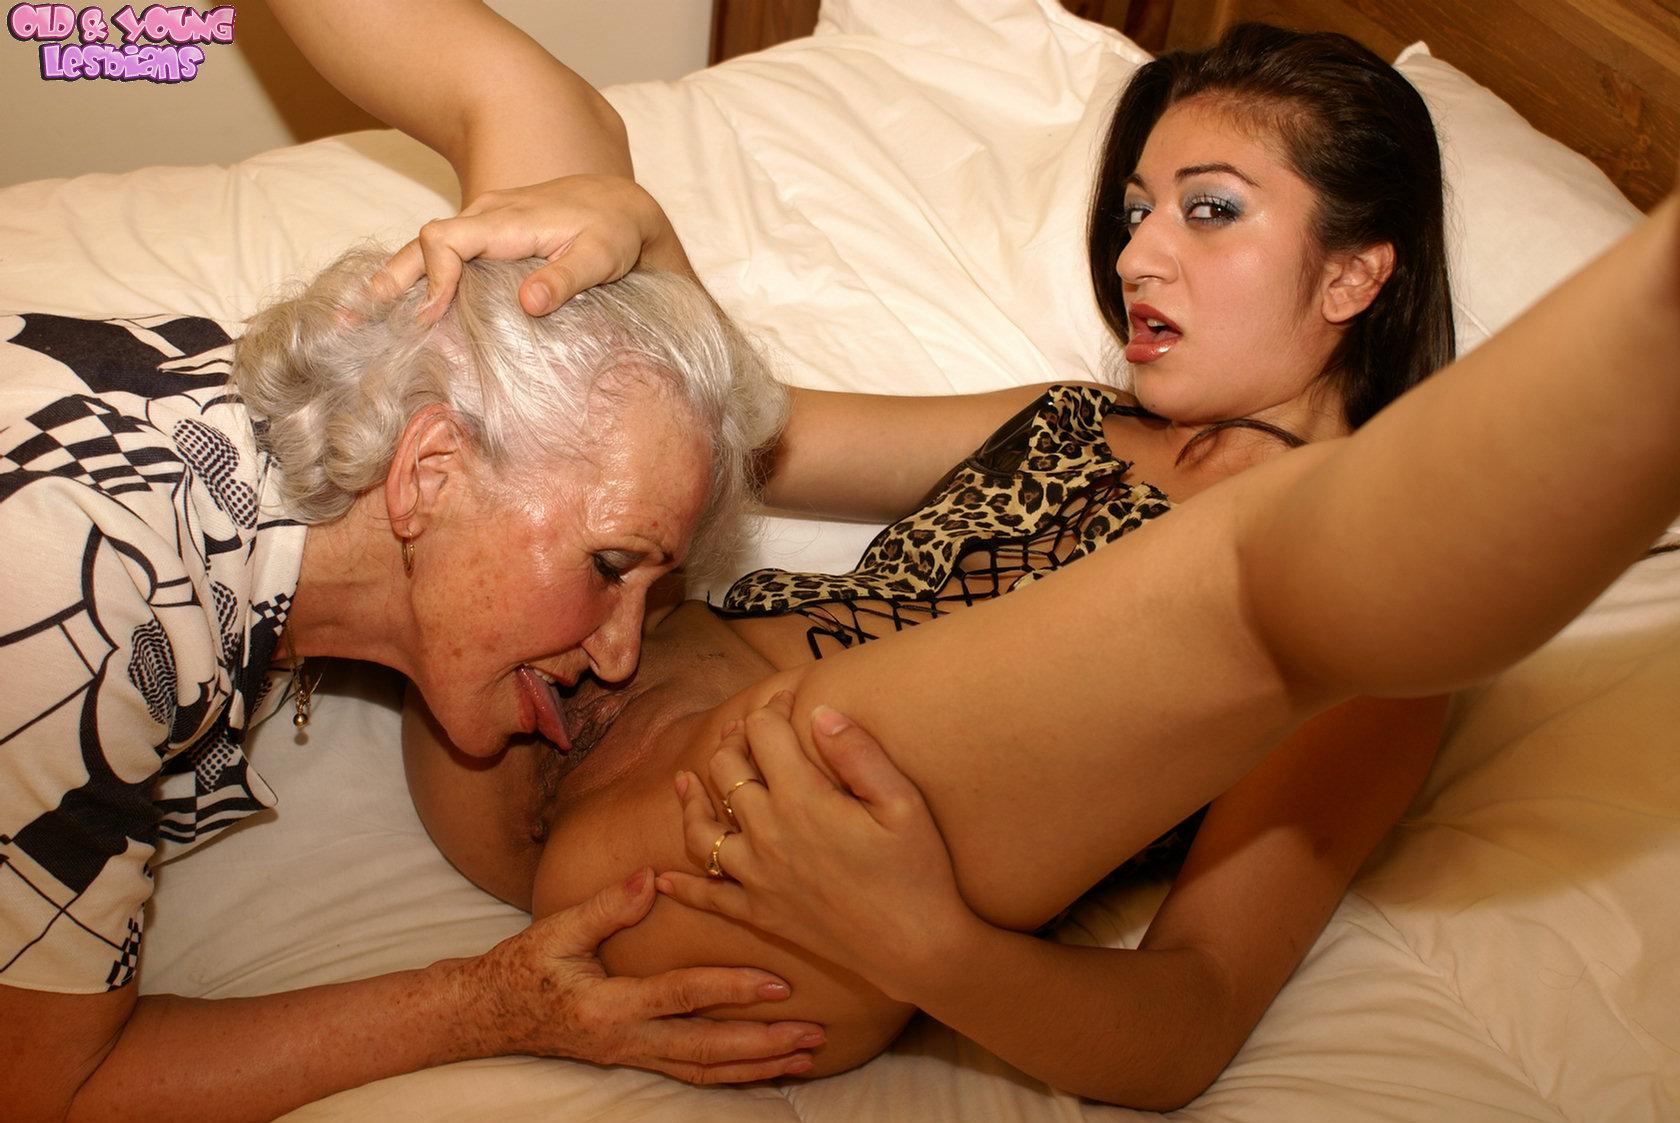 Grandma and granddaughter lesbian porn